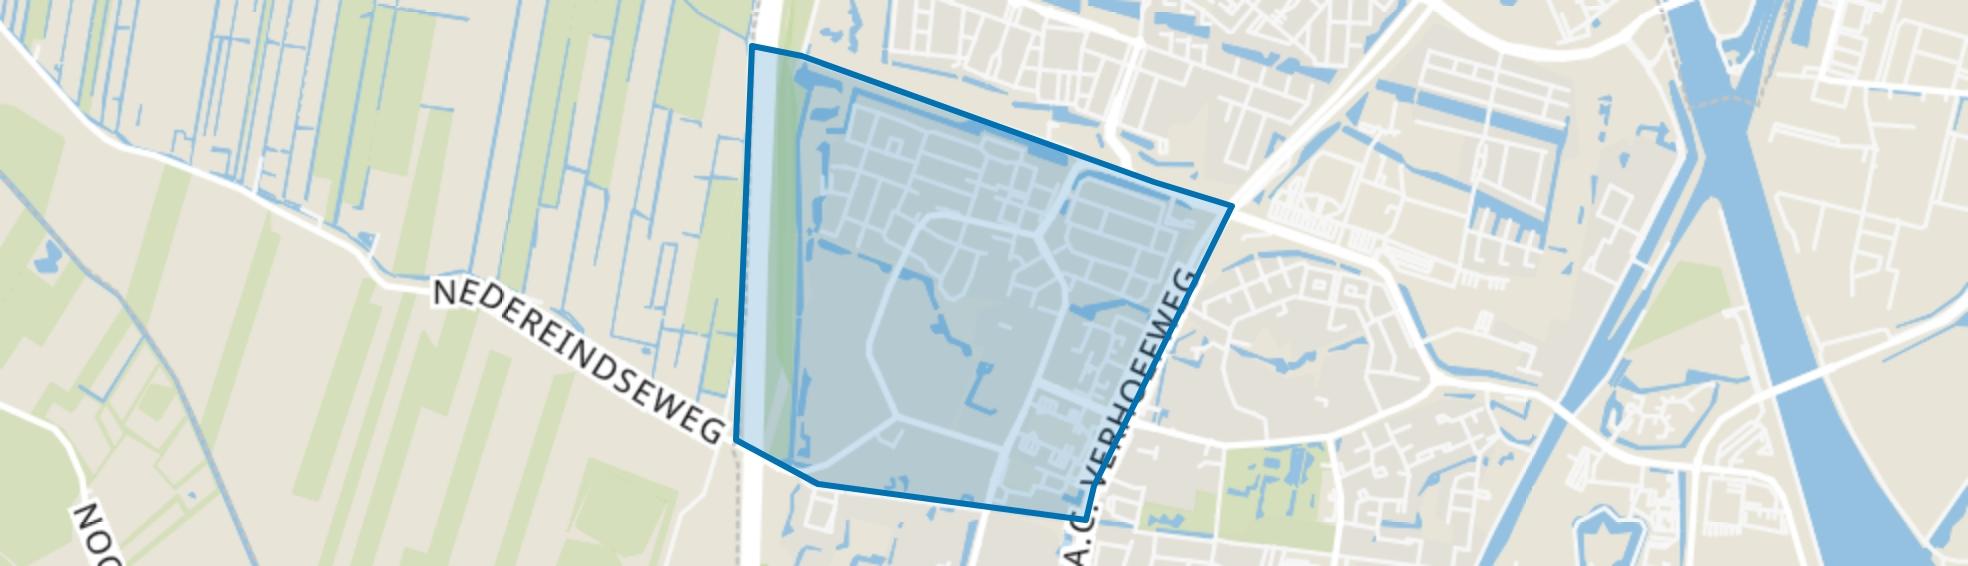 Batau Noord, Nieuwegein map